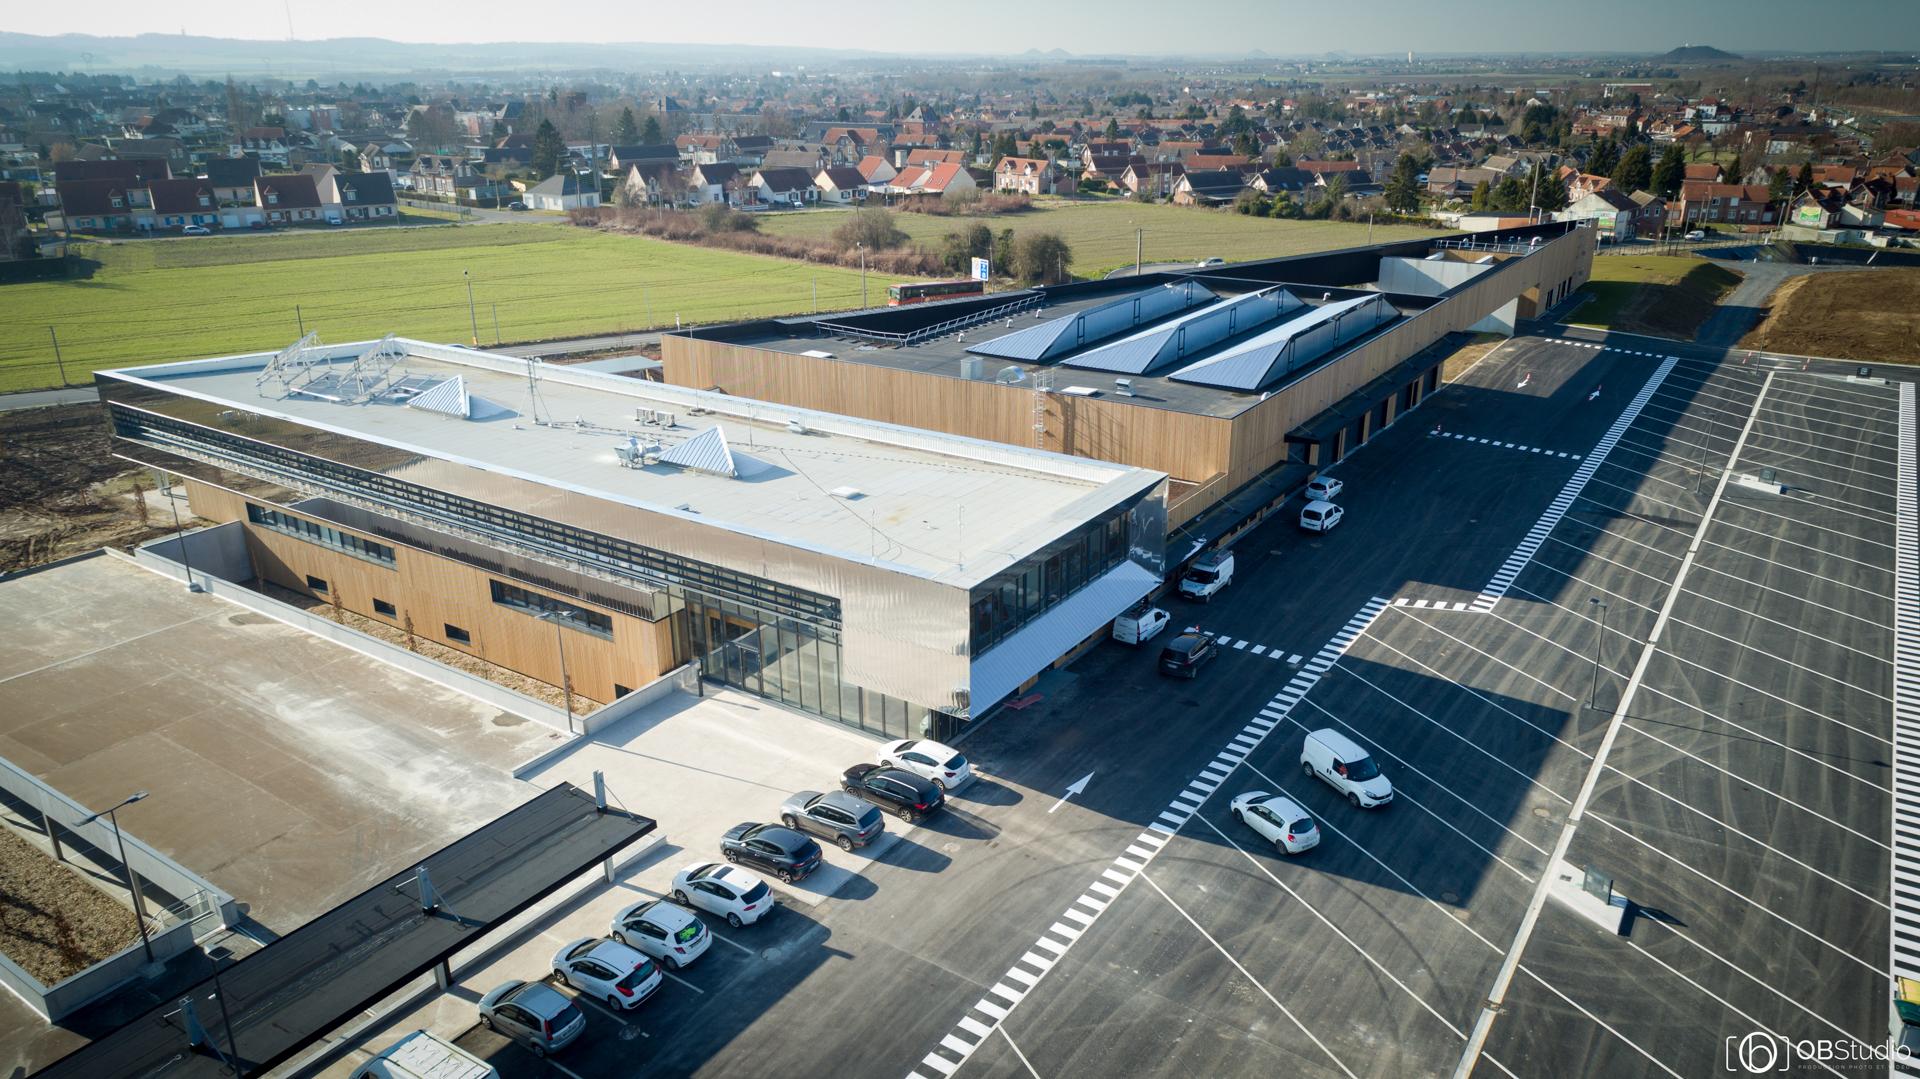 Photographie aérienne bâtiment - OBSTUDIO